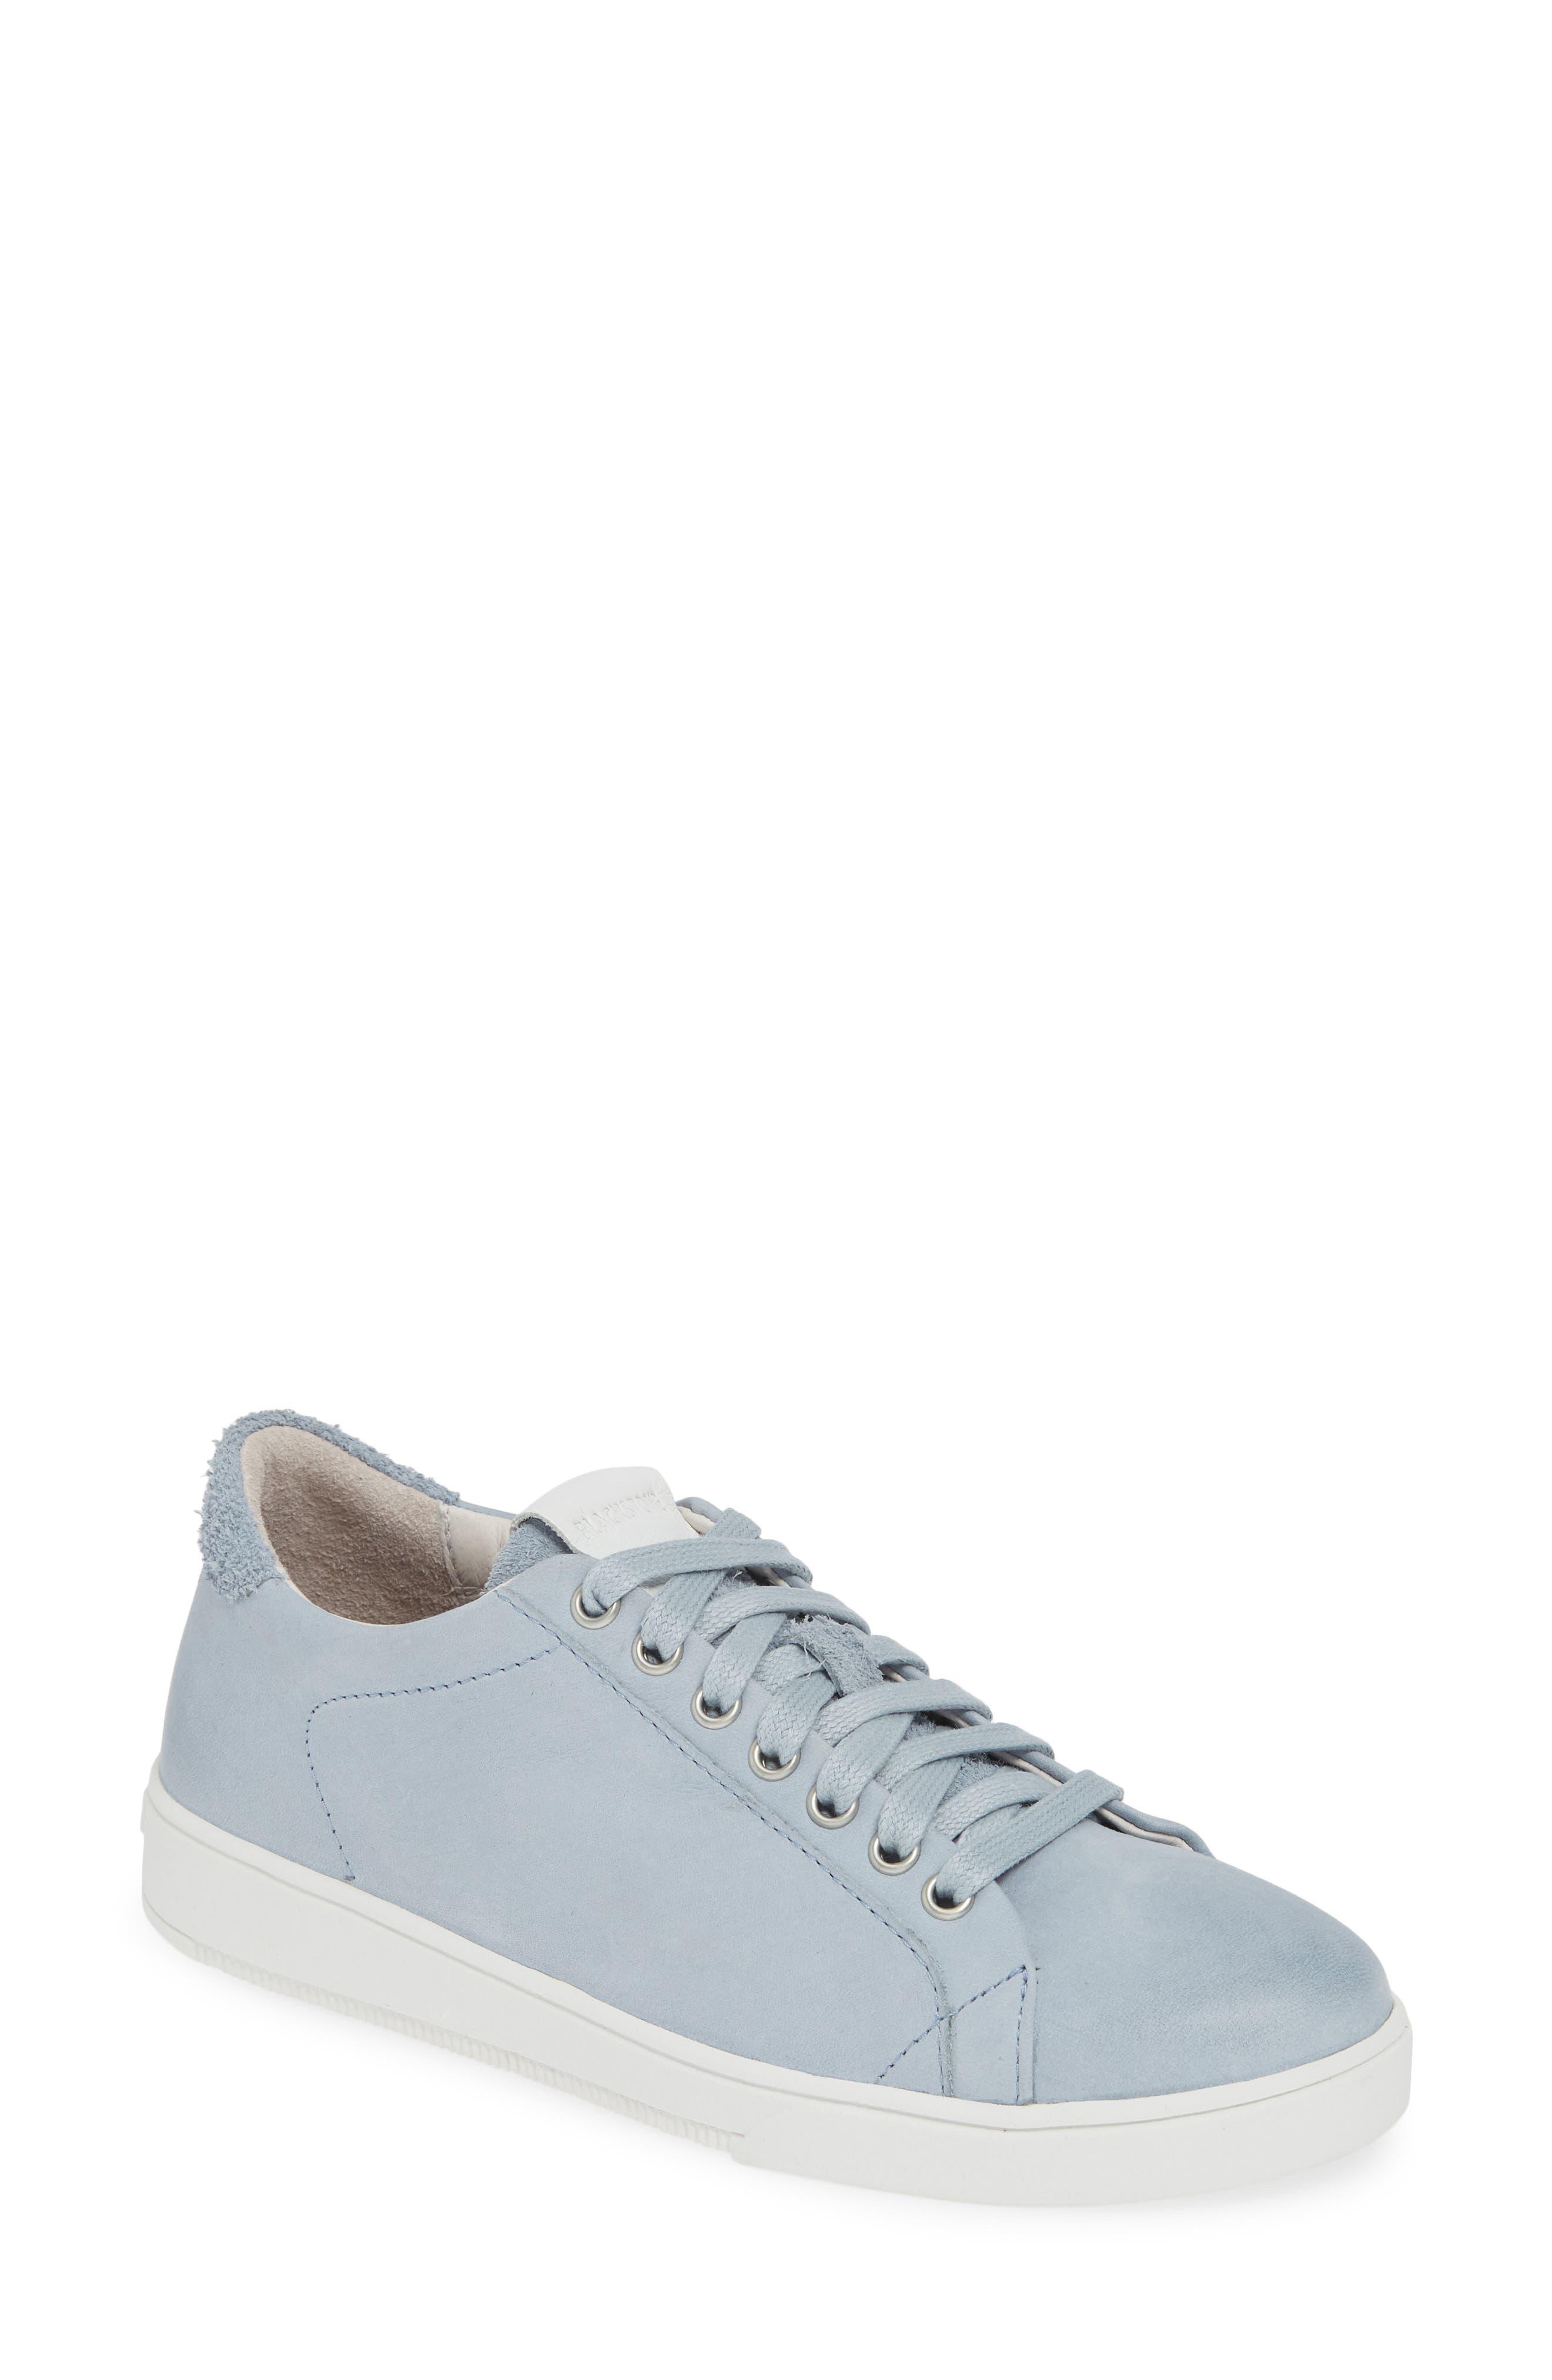 Rl85 Low Top Sneaker